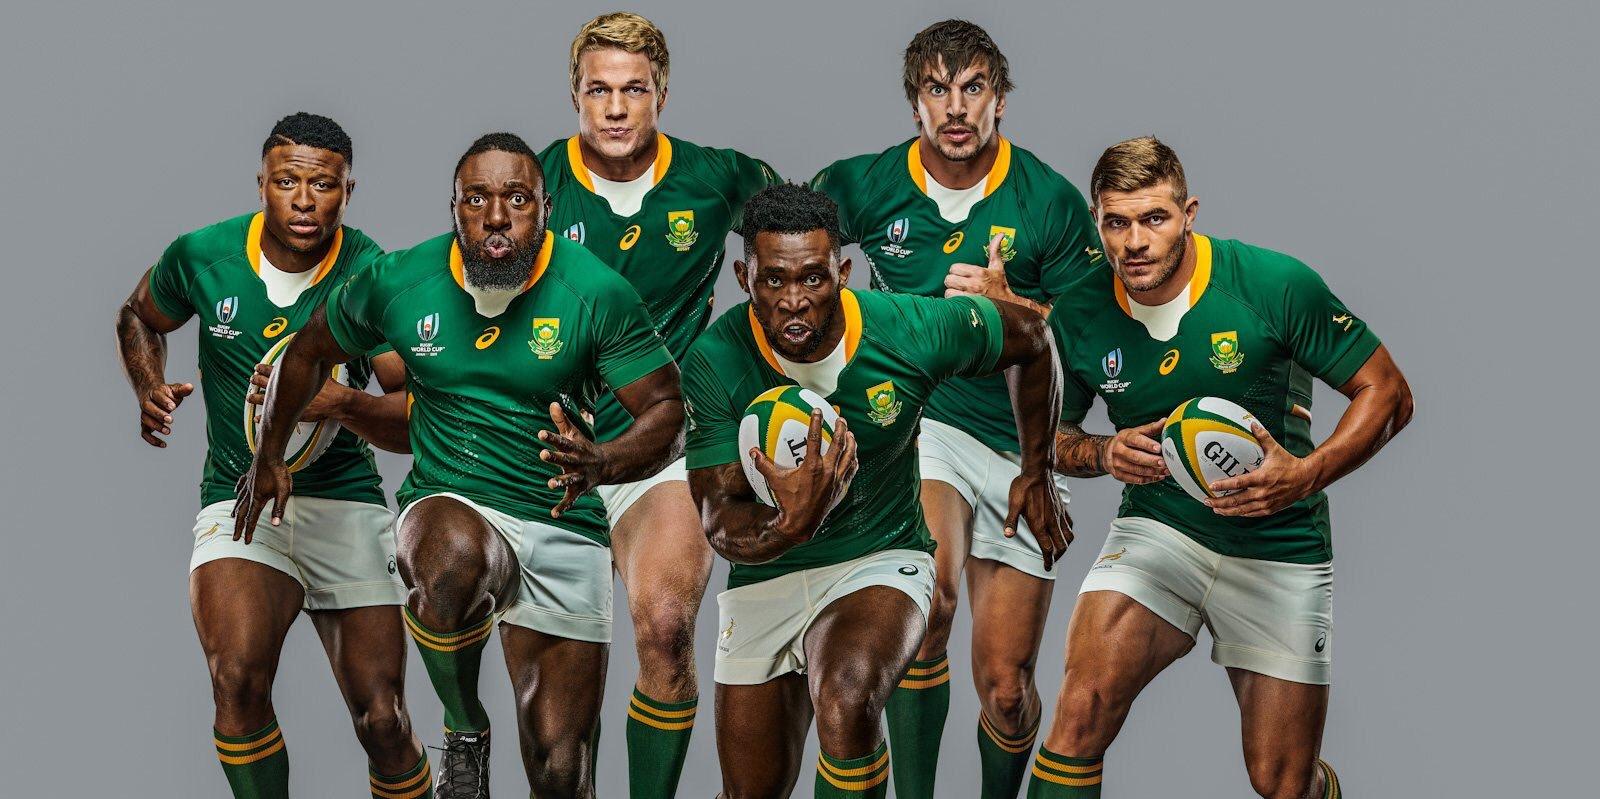 Rugby - Coupe du monde 2019 - Coupe du monde : découvrez les maillots des 20 équipes présentes au Japon